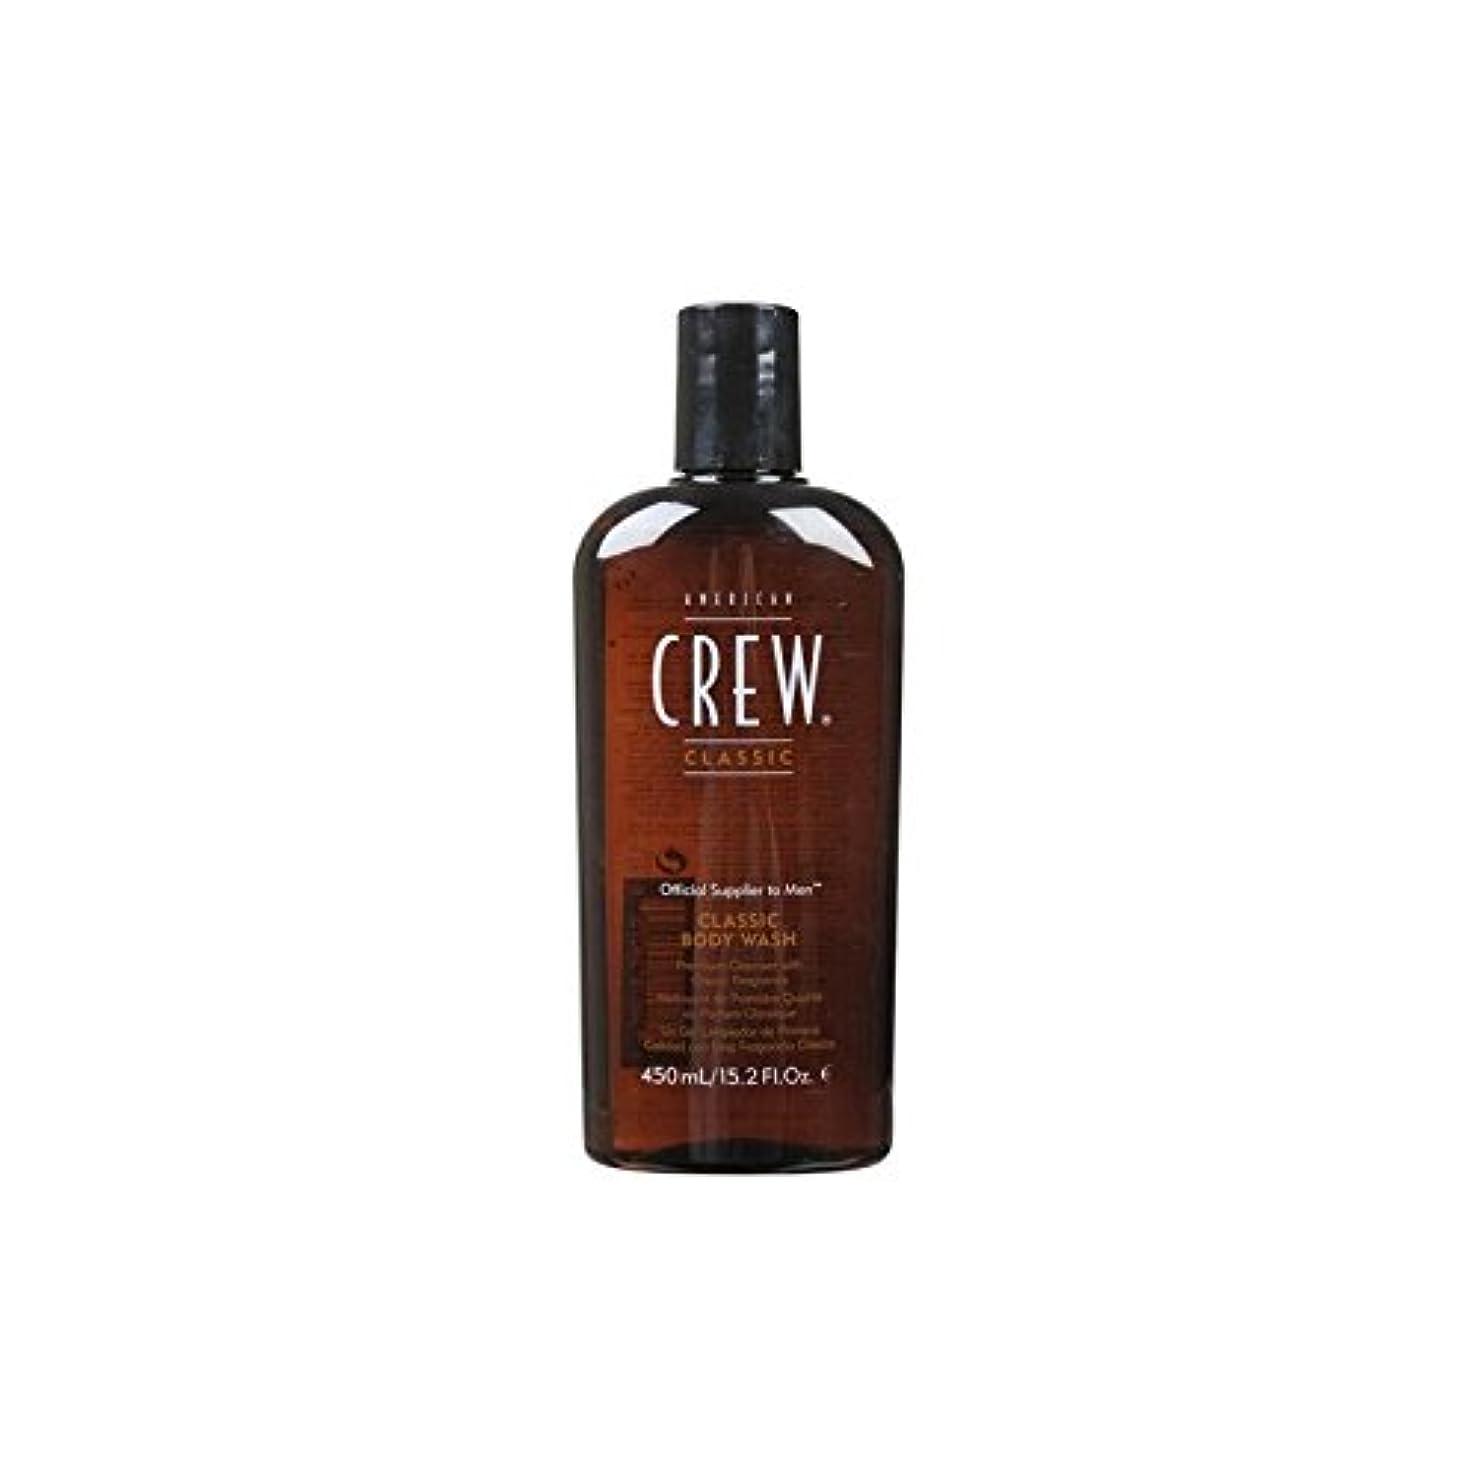 幹送金過激派American Crew Classic Body Wash (450ml) - アメリカンクルークラシックなボディウォッシュ(450ミリリットル) [並行輸入品]